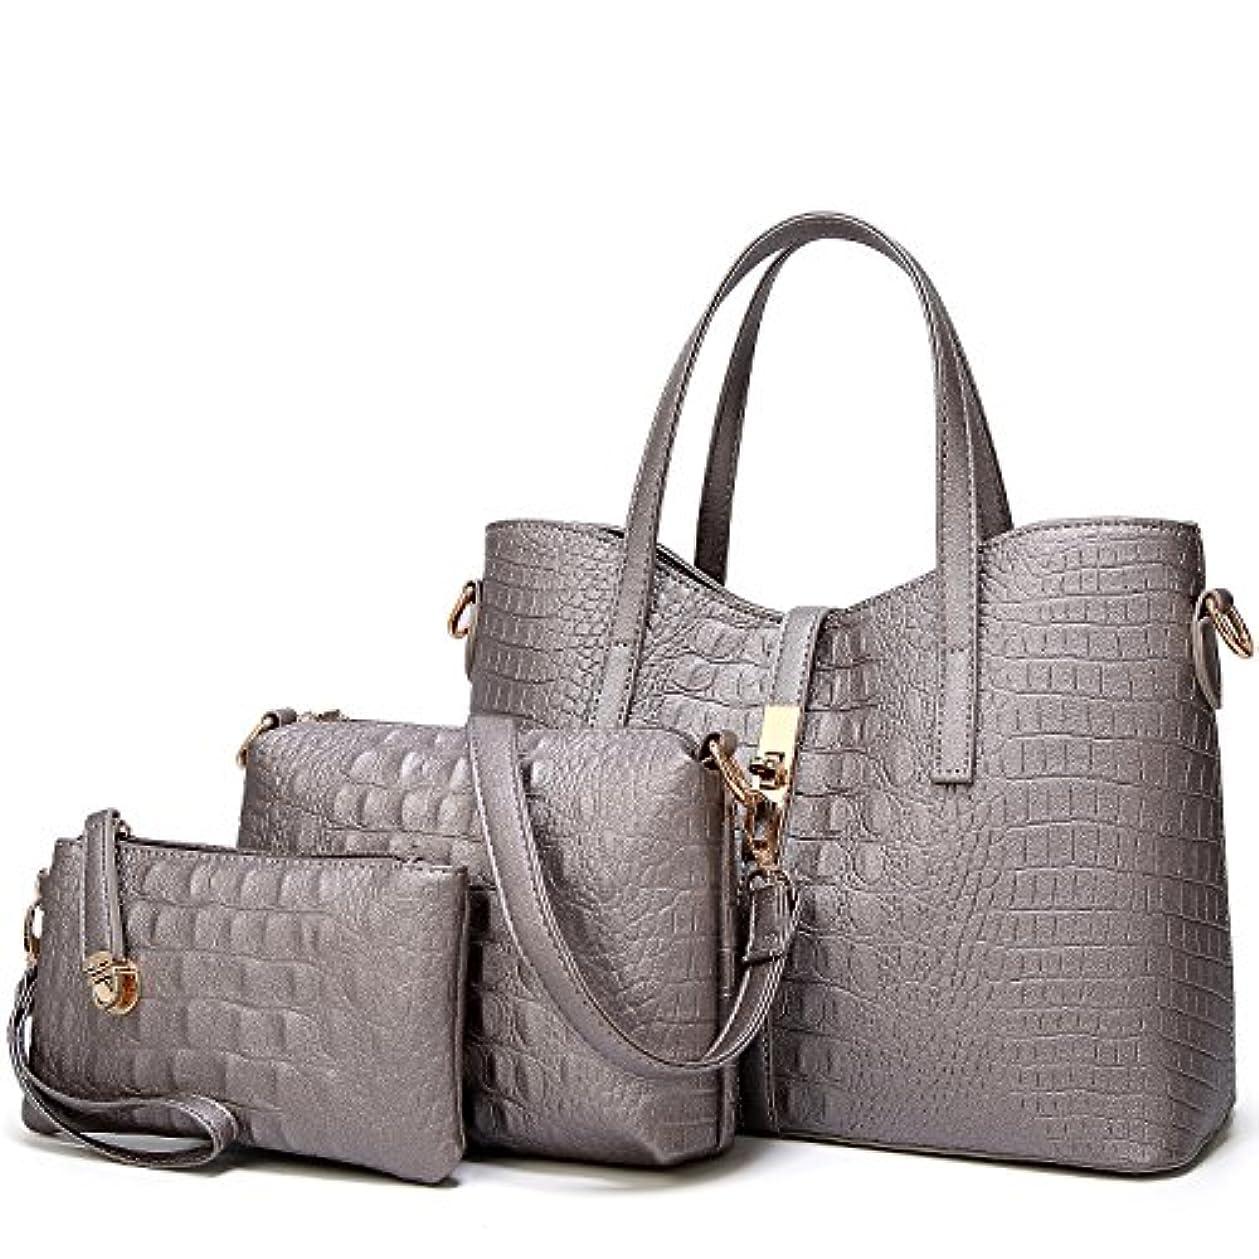 従事したメッセージ学んだ[TcIFE] ハンドバッグ レディース トートバッグ 大容量 無地 ショルダーバッグ 2way 財布とハンドバッグ